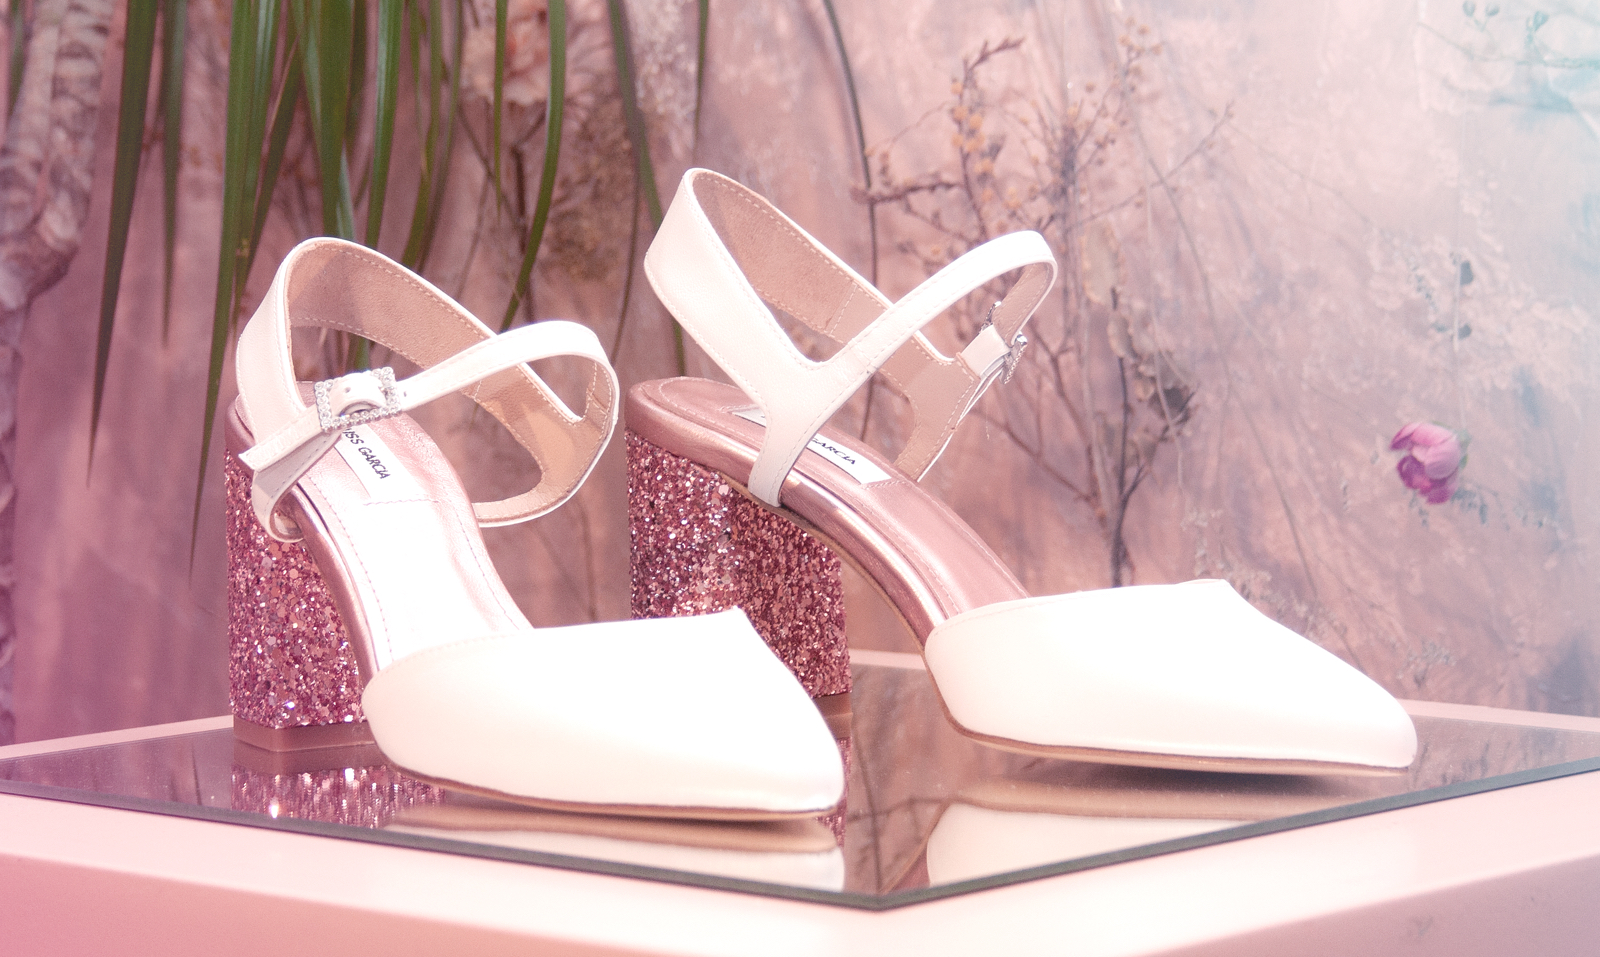 Zapatos Miss García - Artesanales y nacionales